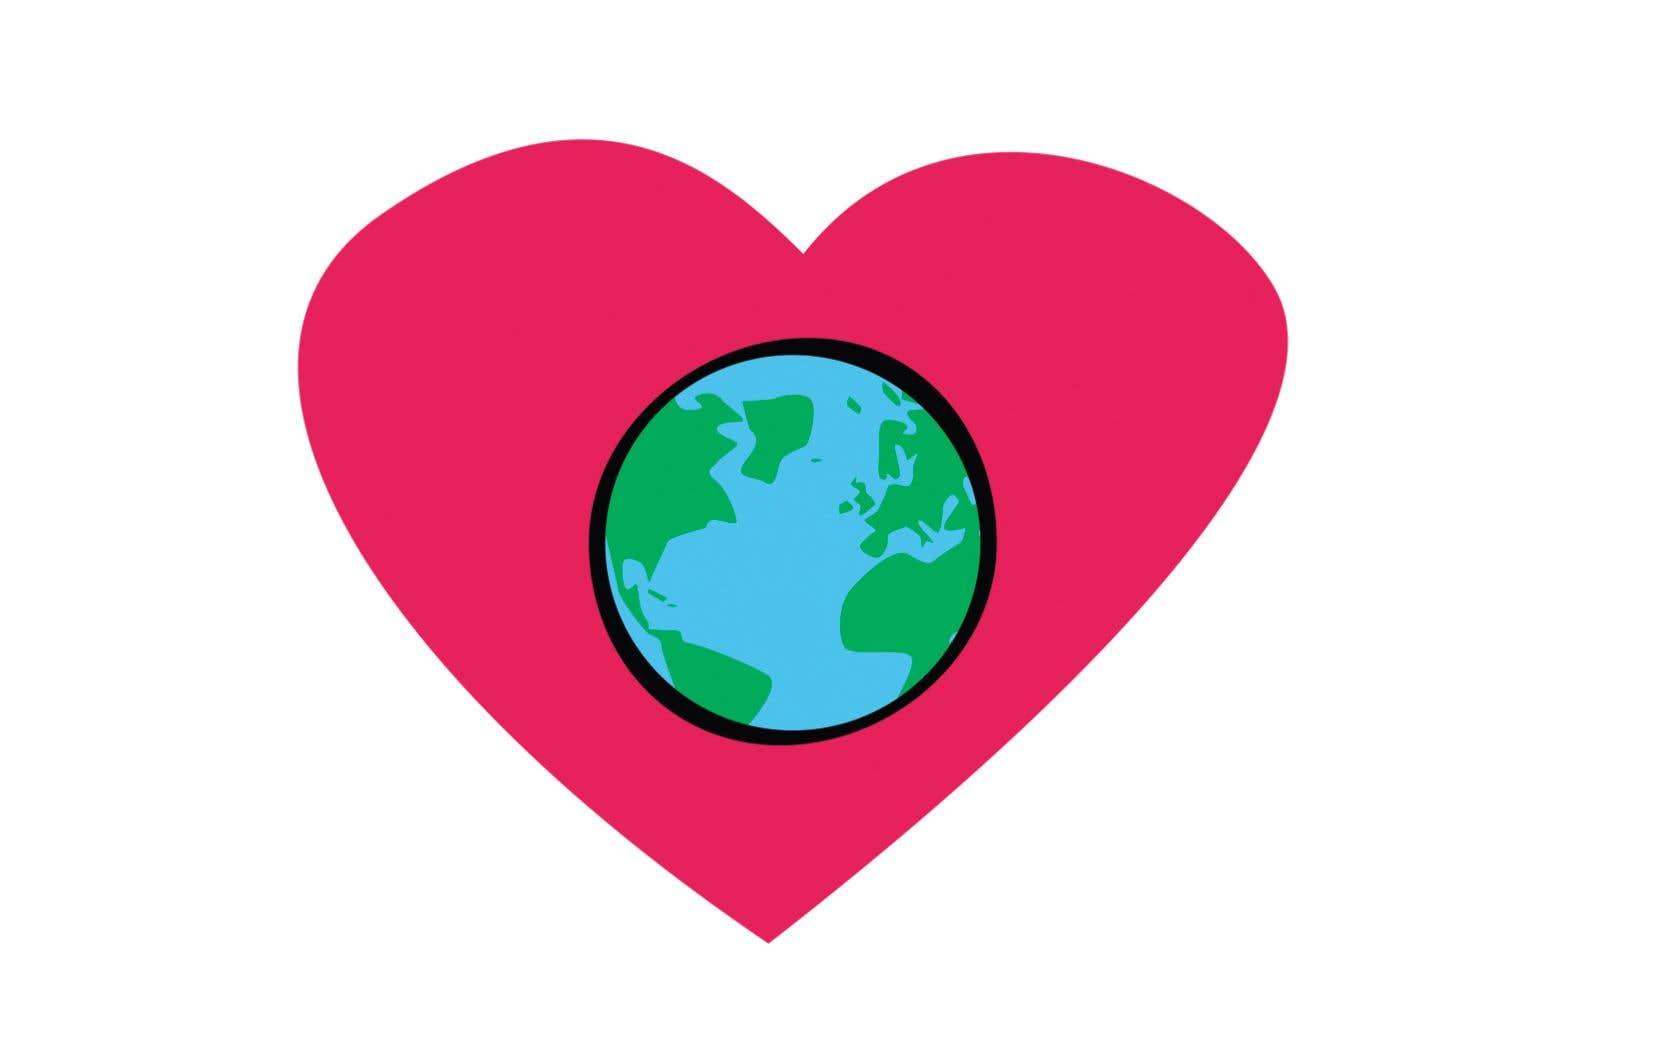 Réponds aux sept questions préparées par Oxfam Québec pour connaître ta personnalité climatique.